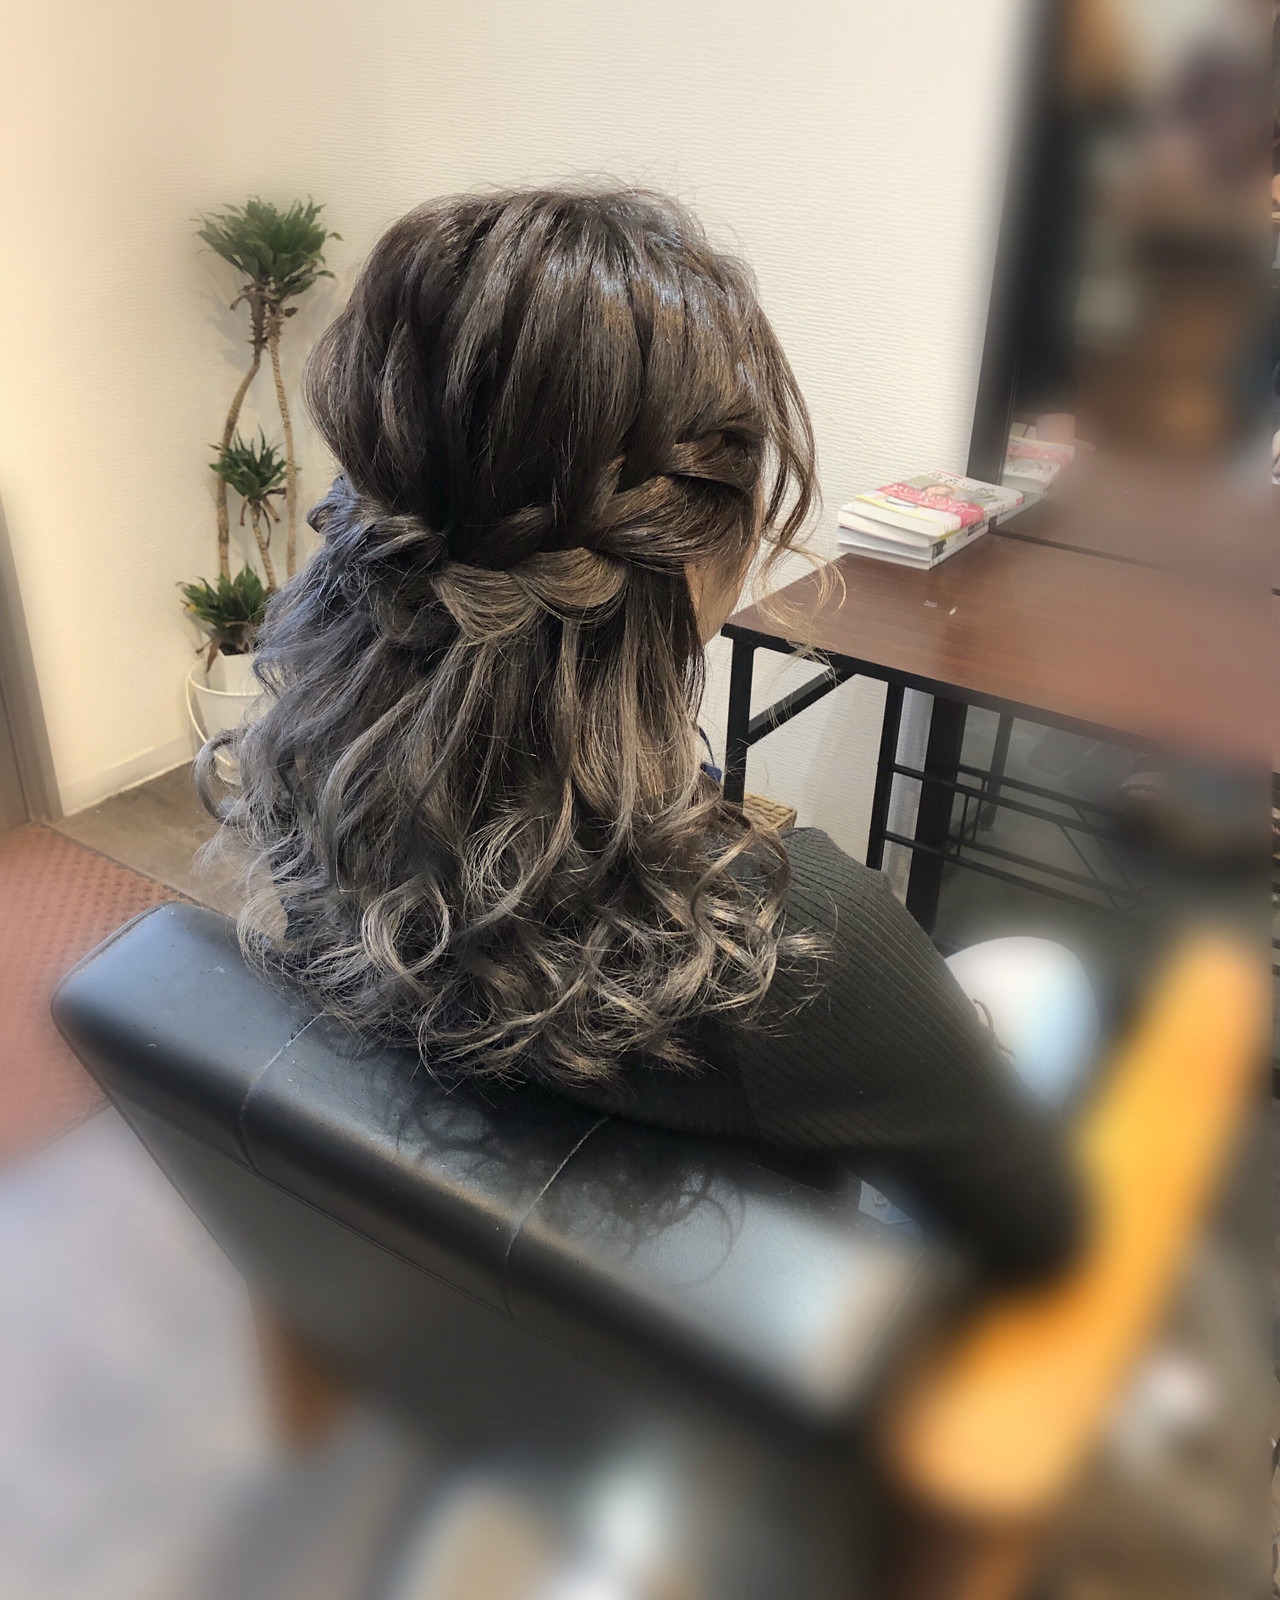 ヘアアレンジ ボブアレンジ 編み込み ミディアム ヘアスタイルや髪型の写真・画像 | mai / HAIR SALON STELLA